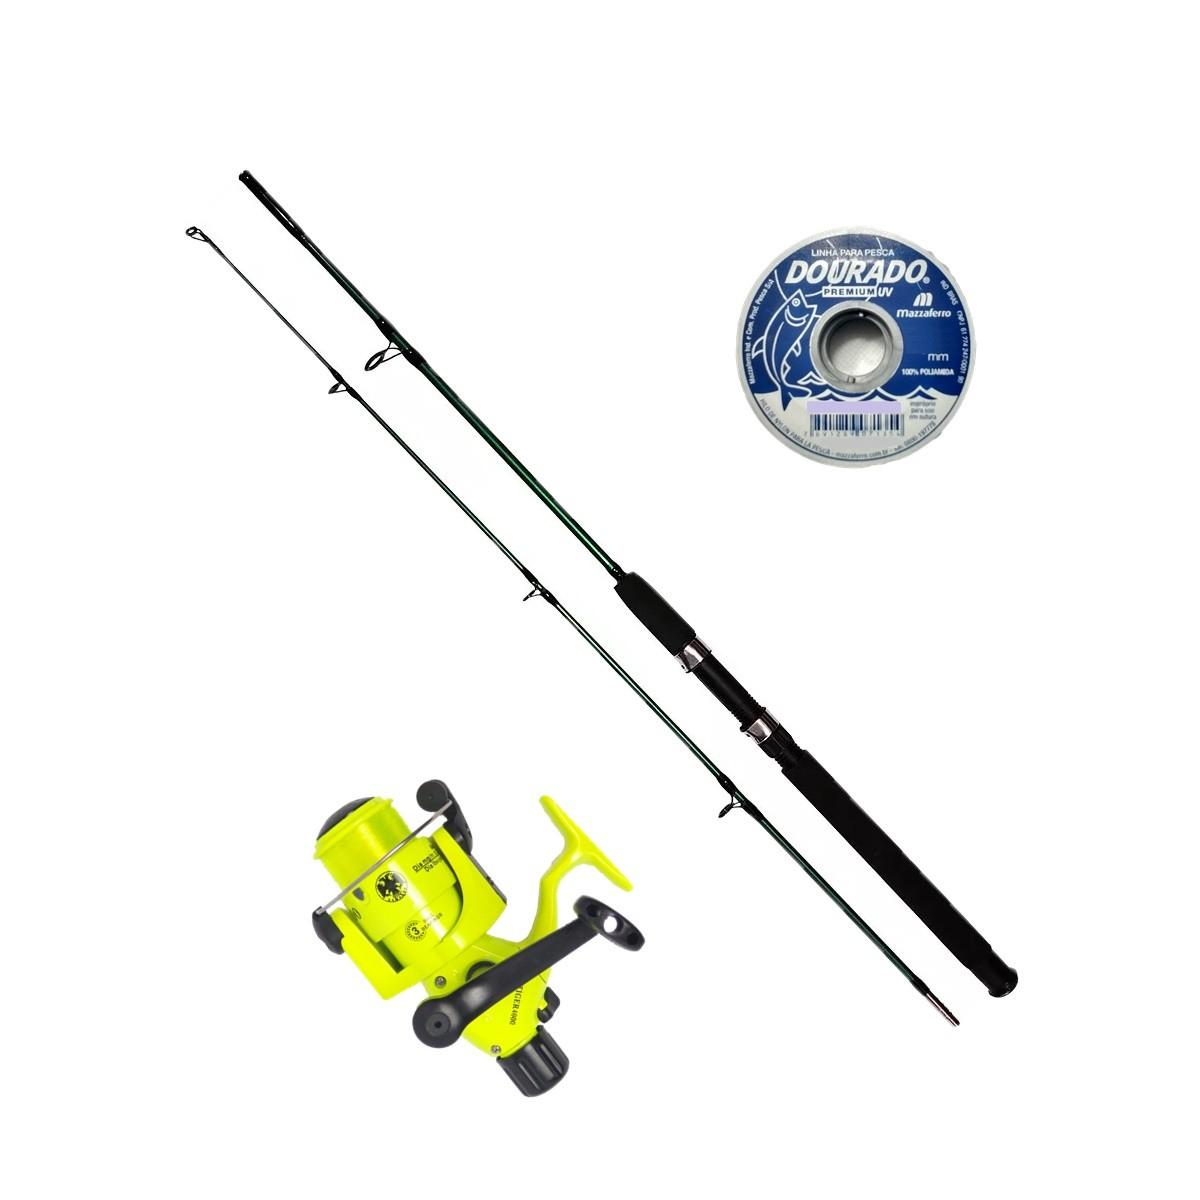 Vara De Pesca Completa 1,80m Molinete 4000 3 Rolamento Linha